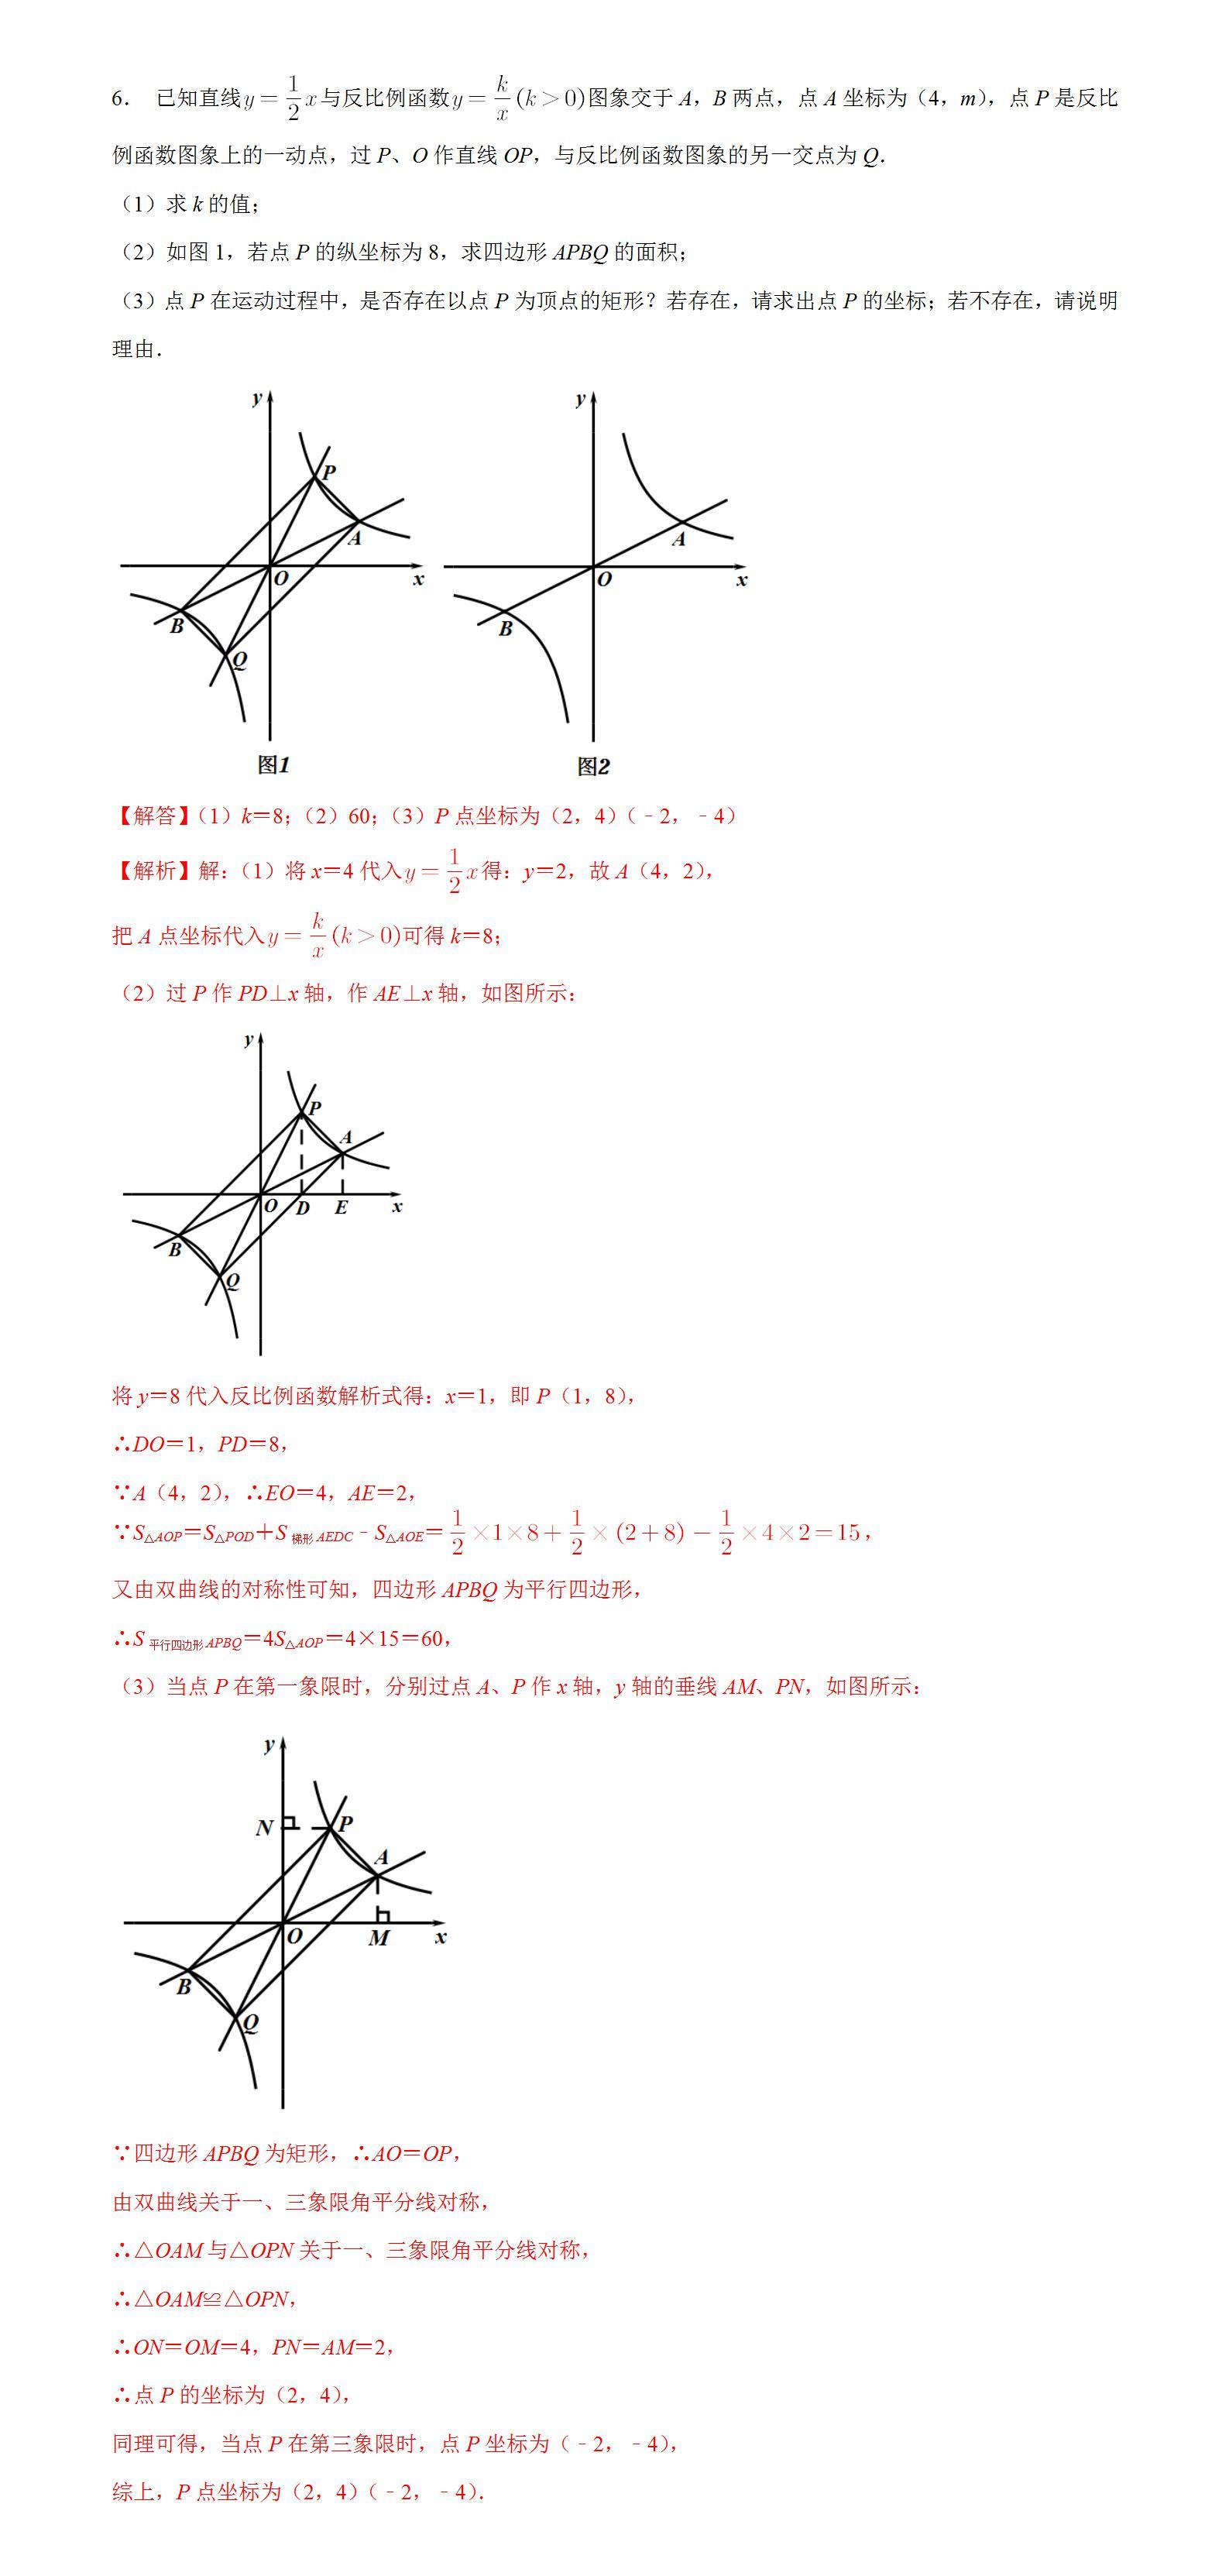 2020年初三数学矩形存在性问题巩固练习(提优)试题及答案(六)